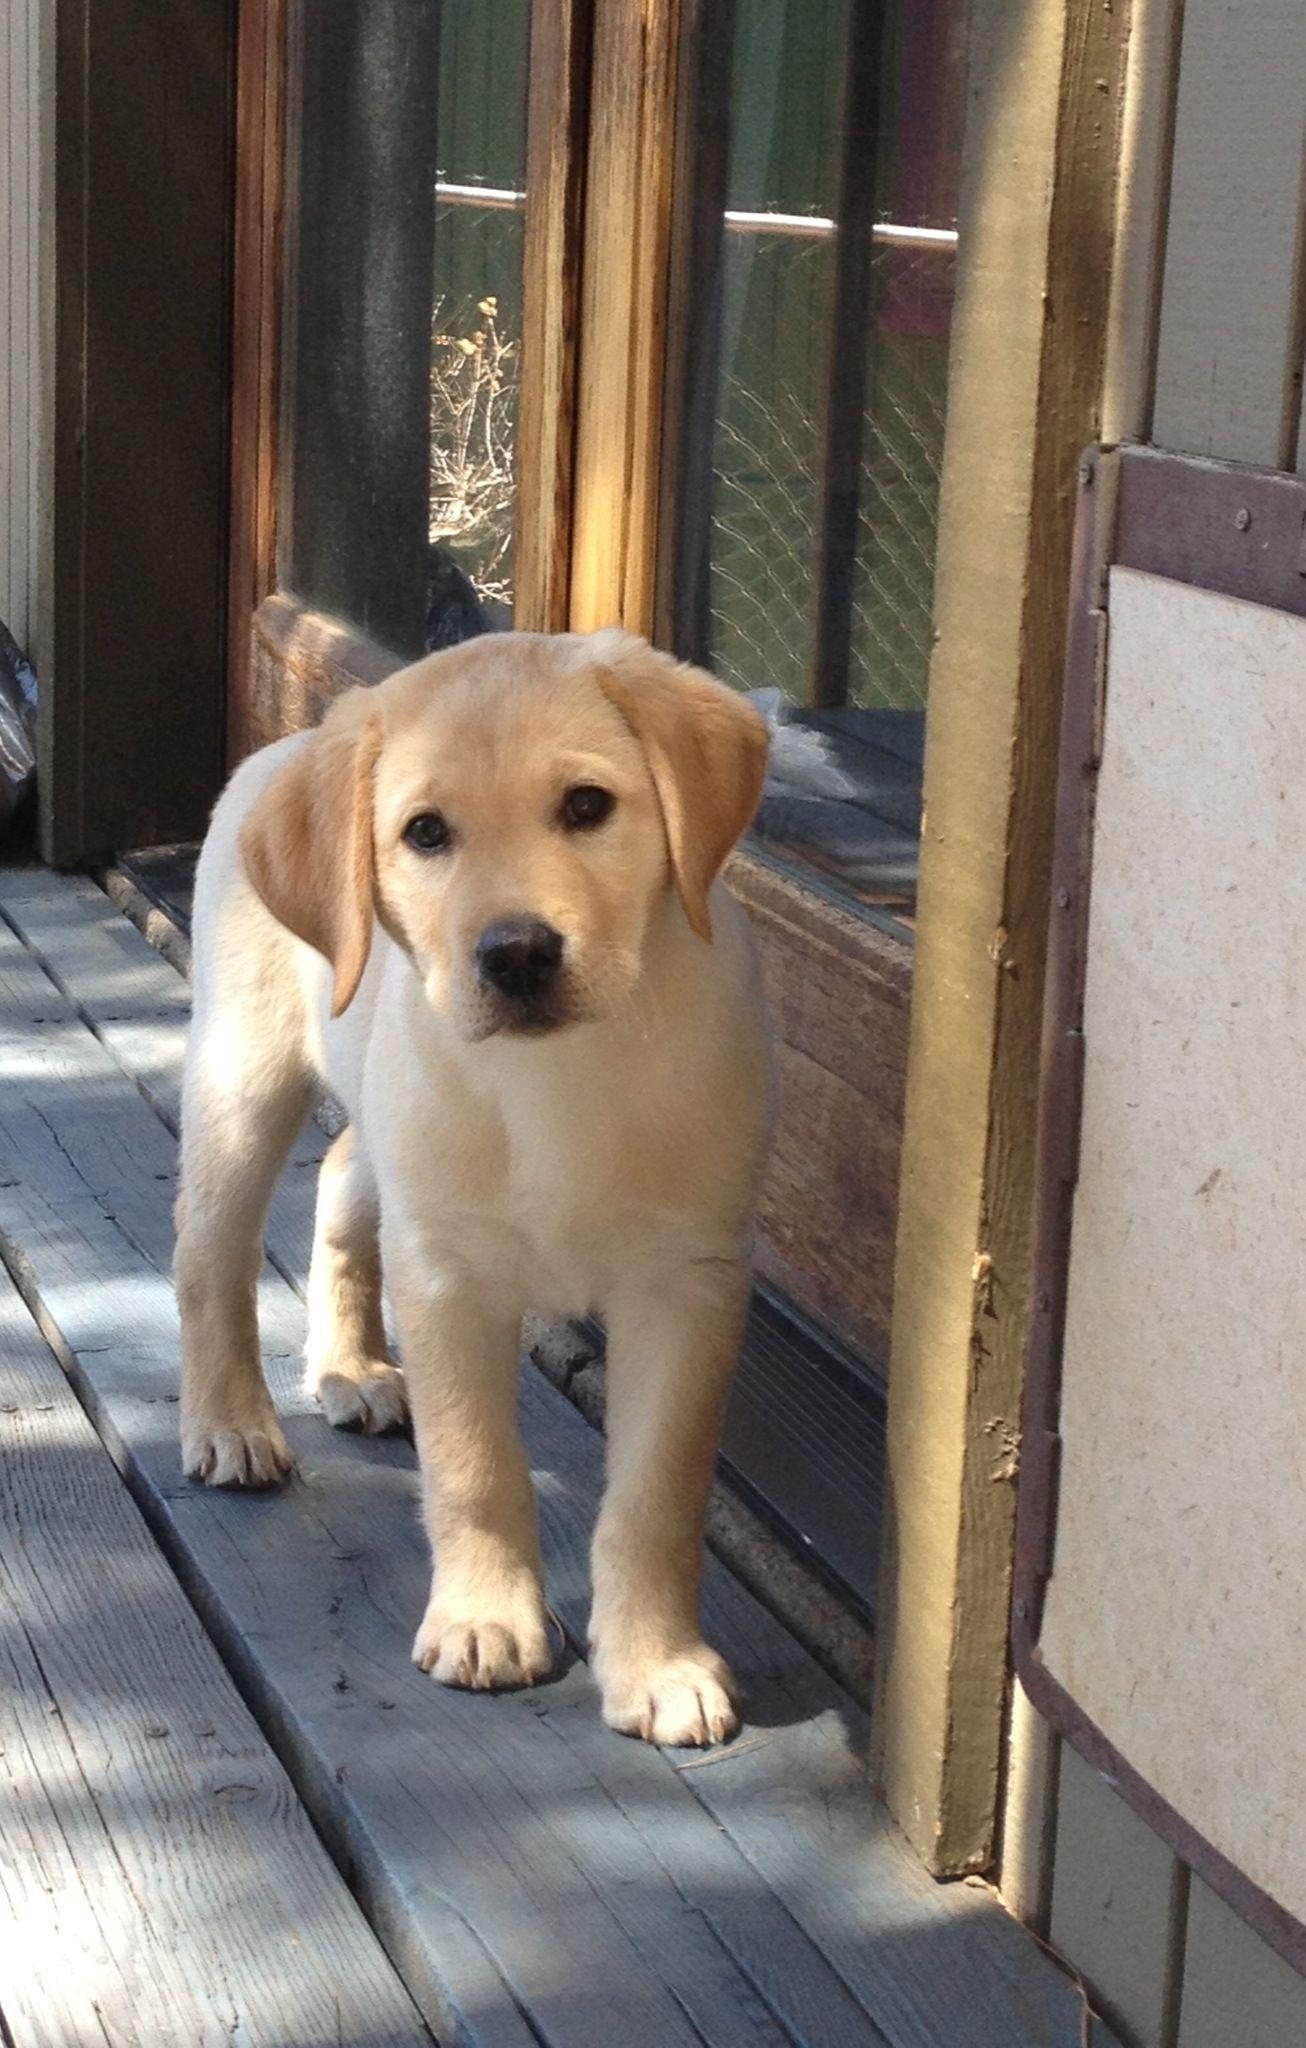 Yellow Labrador Retriever dog art portraits, photographs